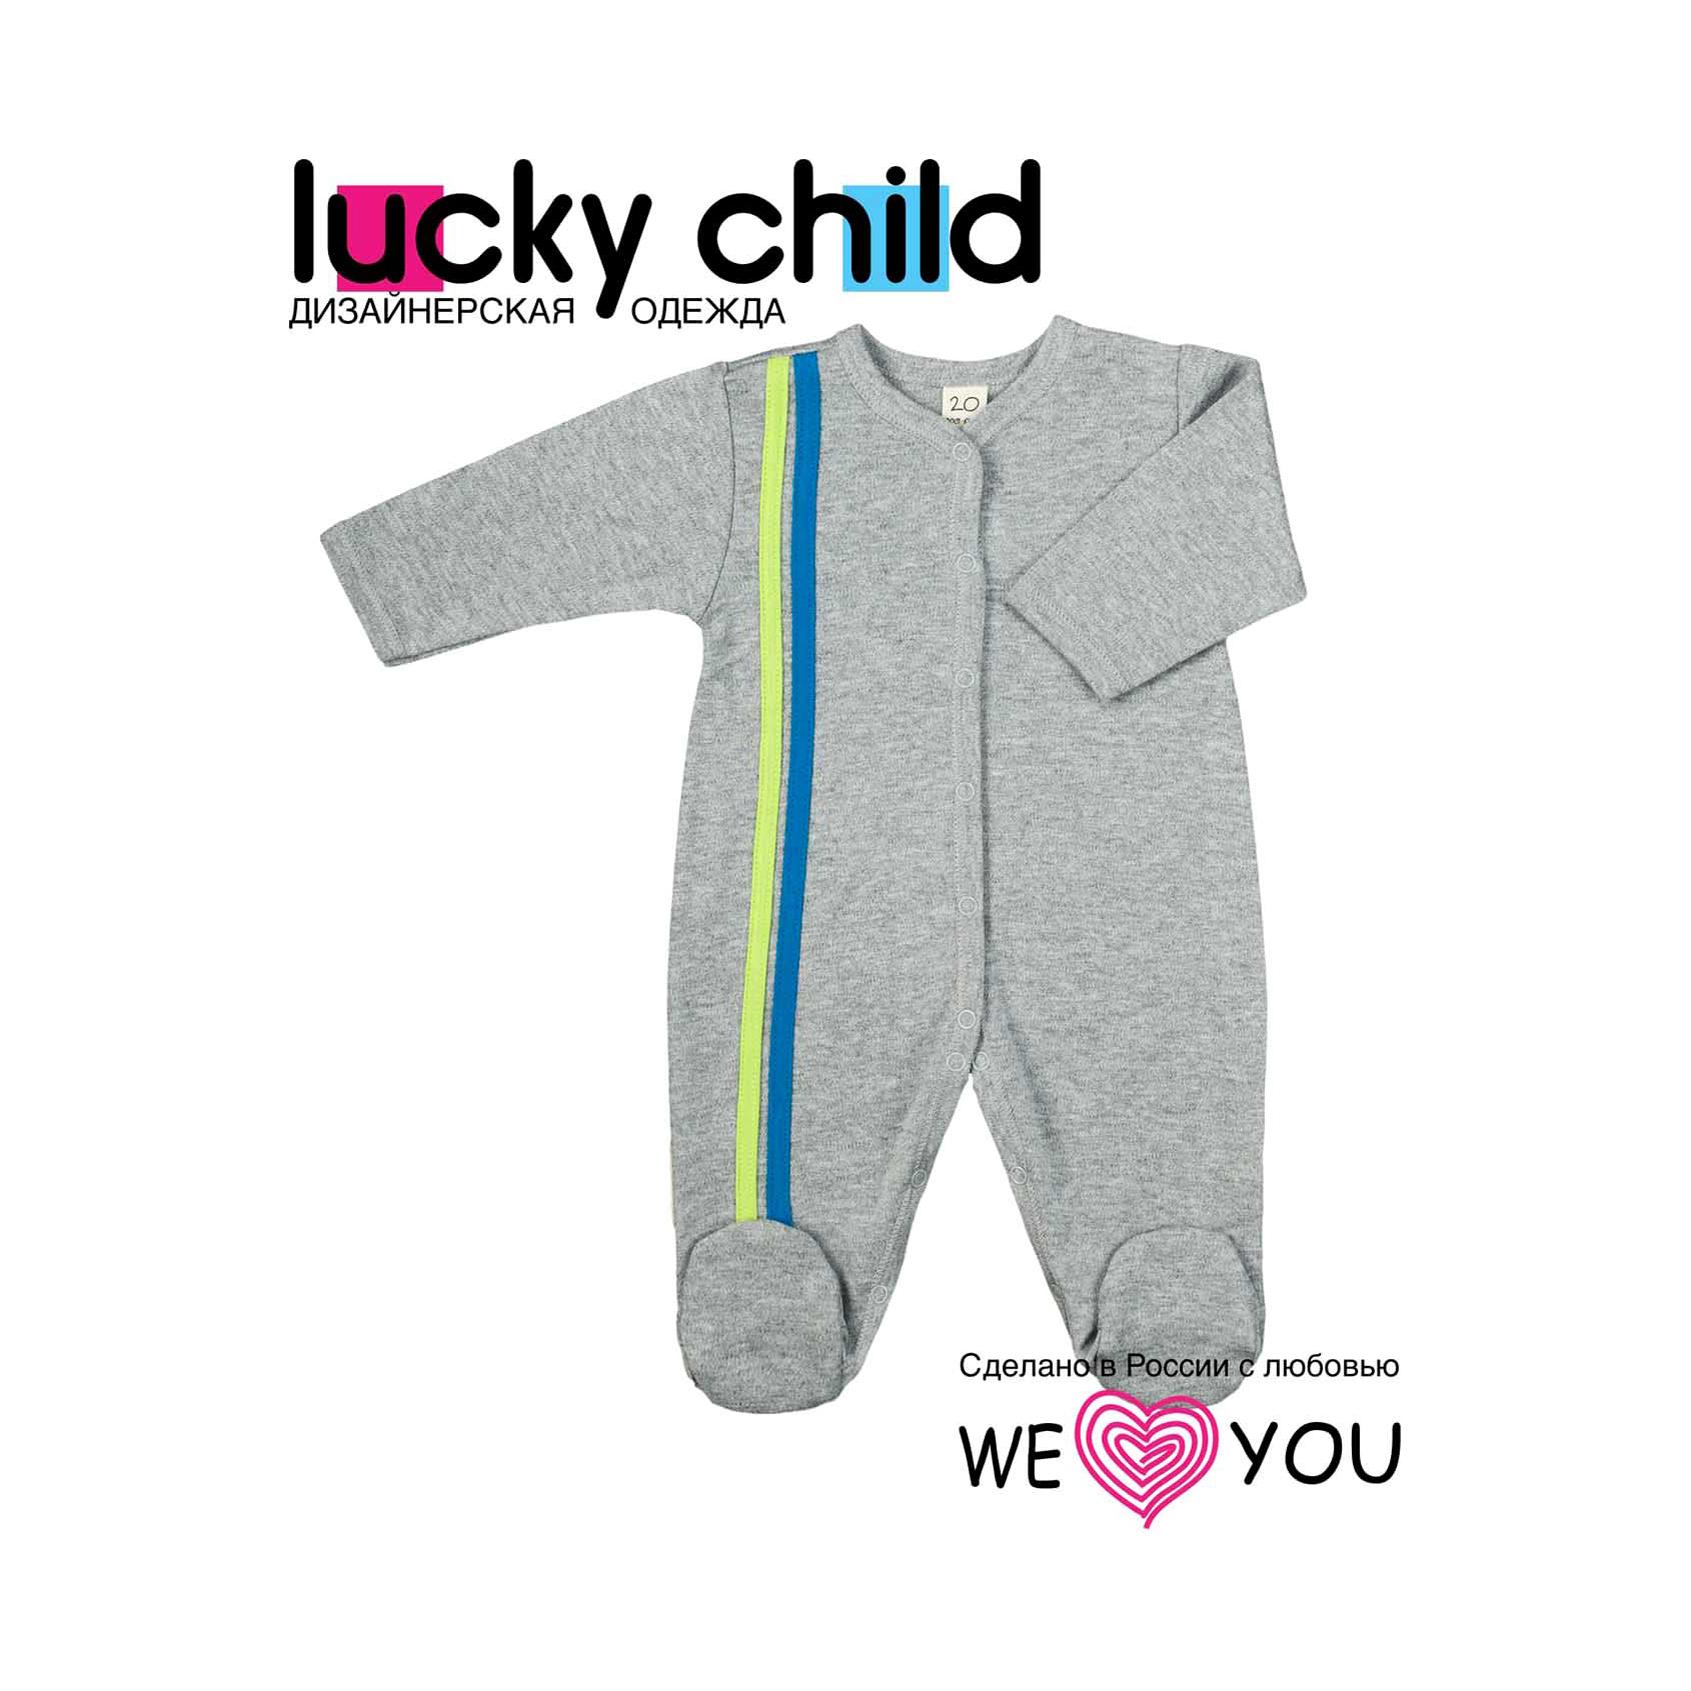 Комбинезон Lucky Child коллекция Спортивная линия, для мальчика размер 74<br>